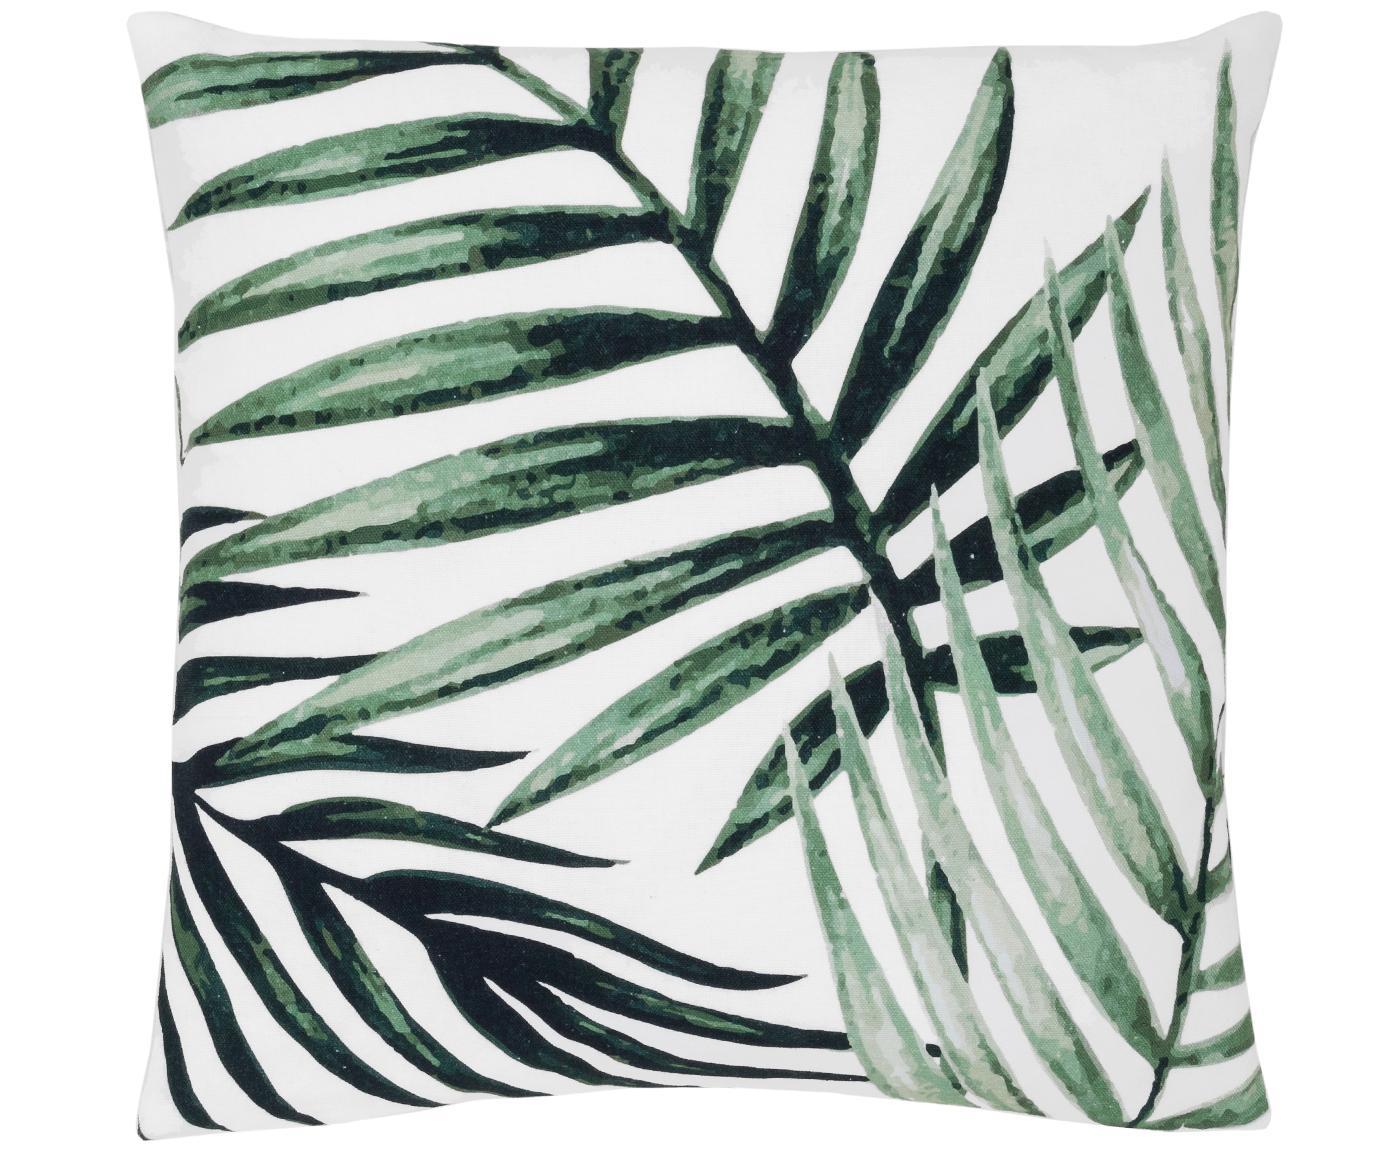 Federa arredo con motivo a foglia Coast, 100% cotone, Verde, bianco, Larg. 50 x Lung. 50 cm